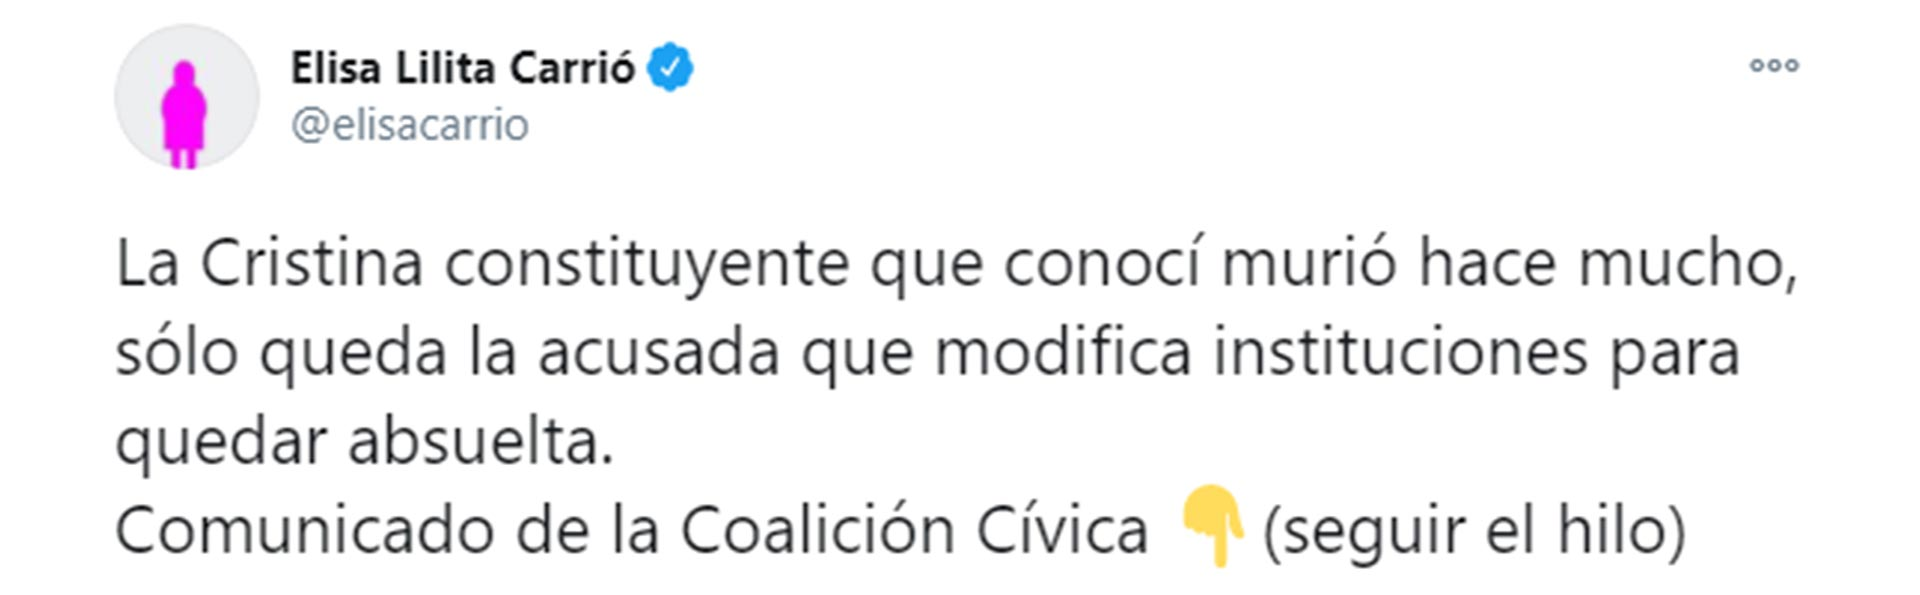 La crítica de Elisa Carrió a Cristina Kirchner.